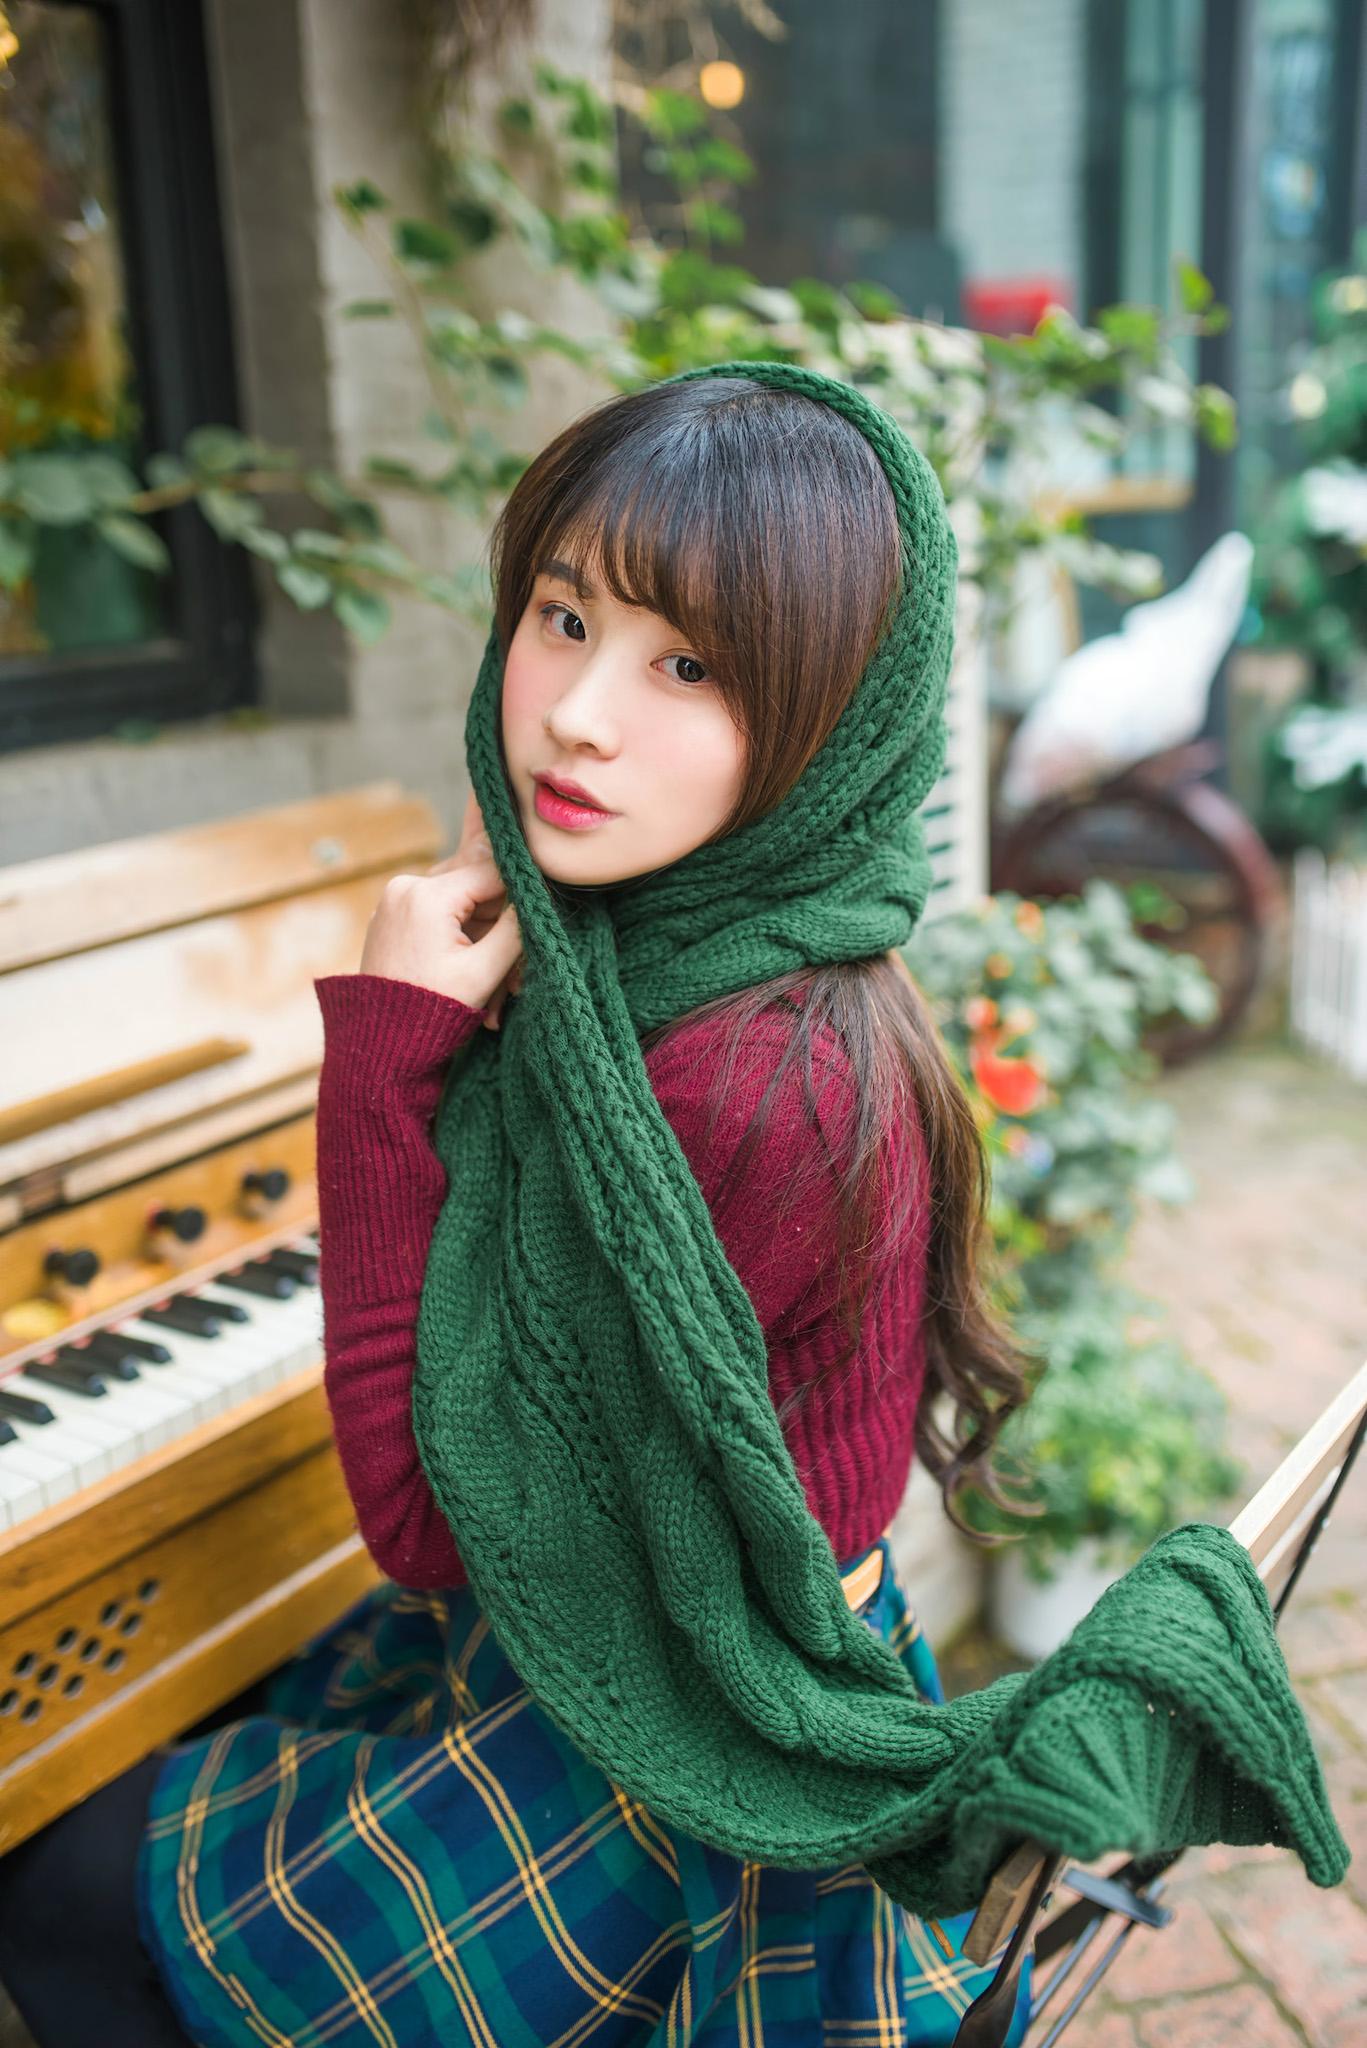 做一朵素馨 淡雅于尘世【情感美文】 - 花仙子 - 花仙子的博客